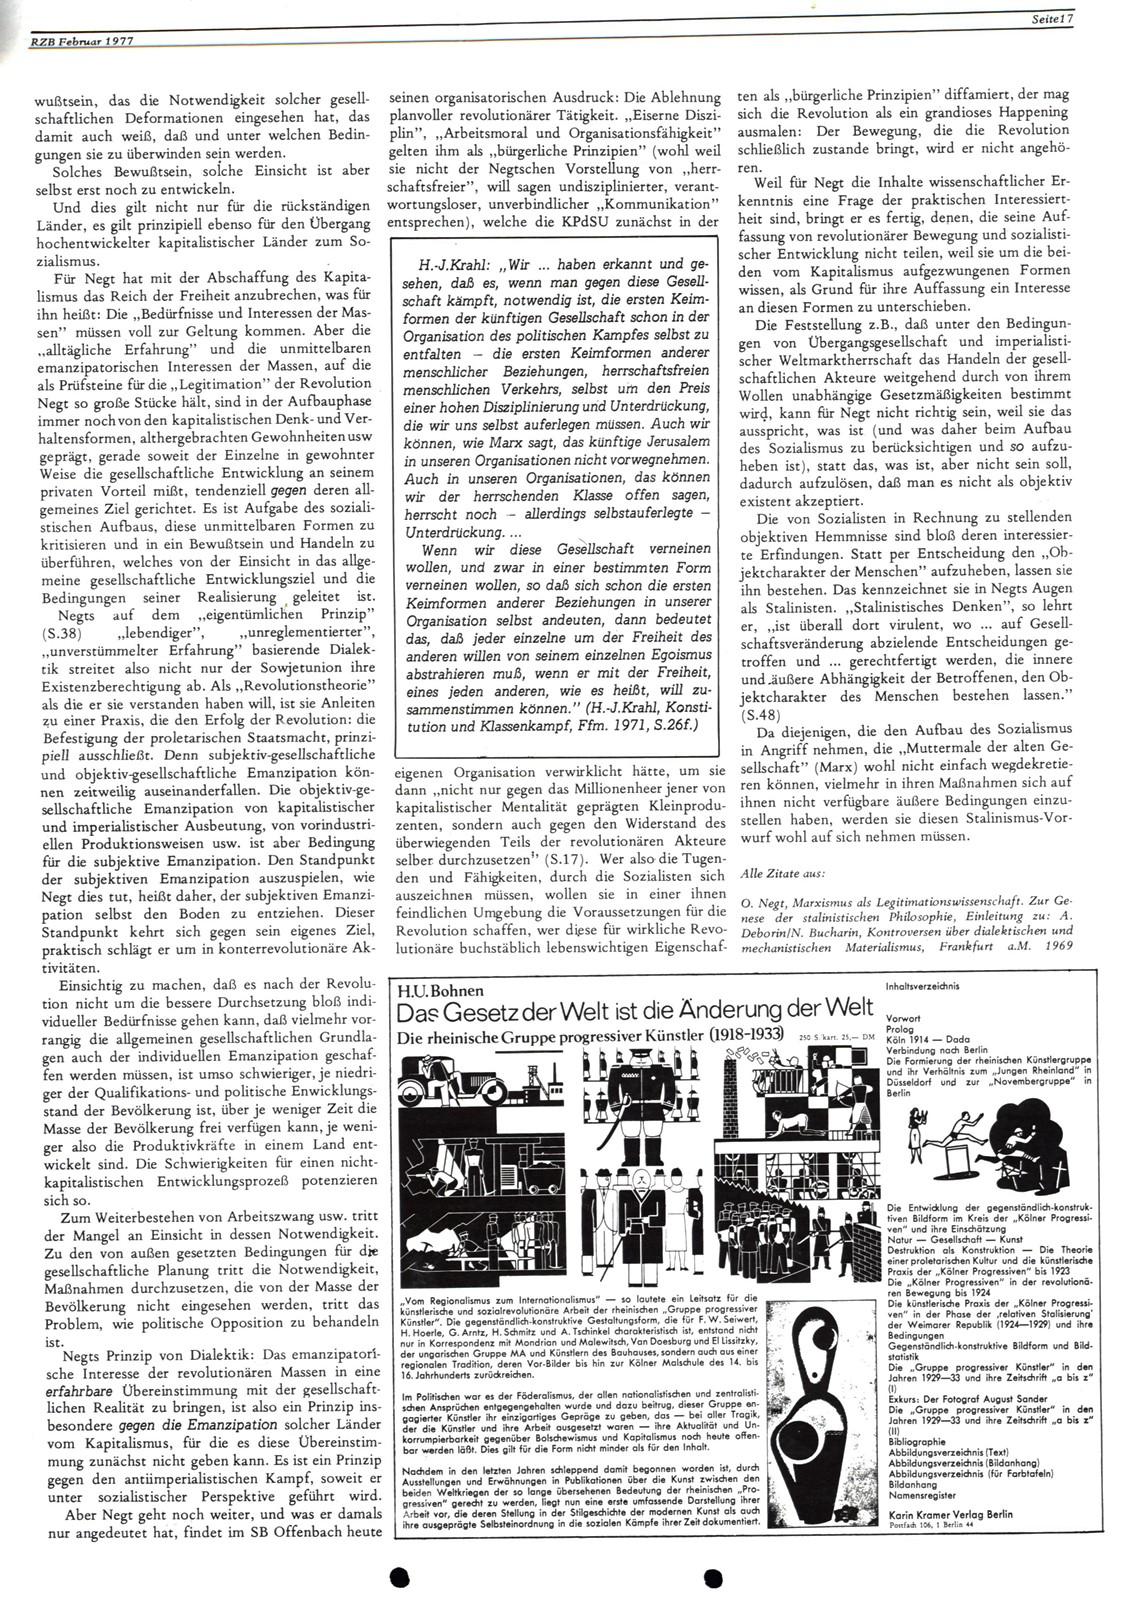 Bonn_RZ_07_08_19770200_17